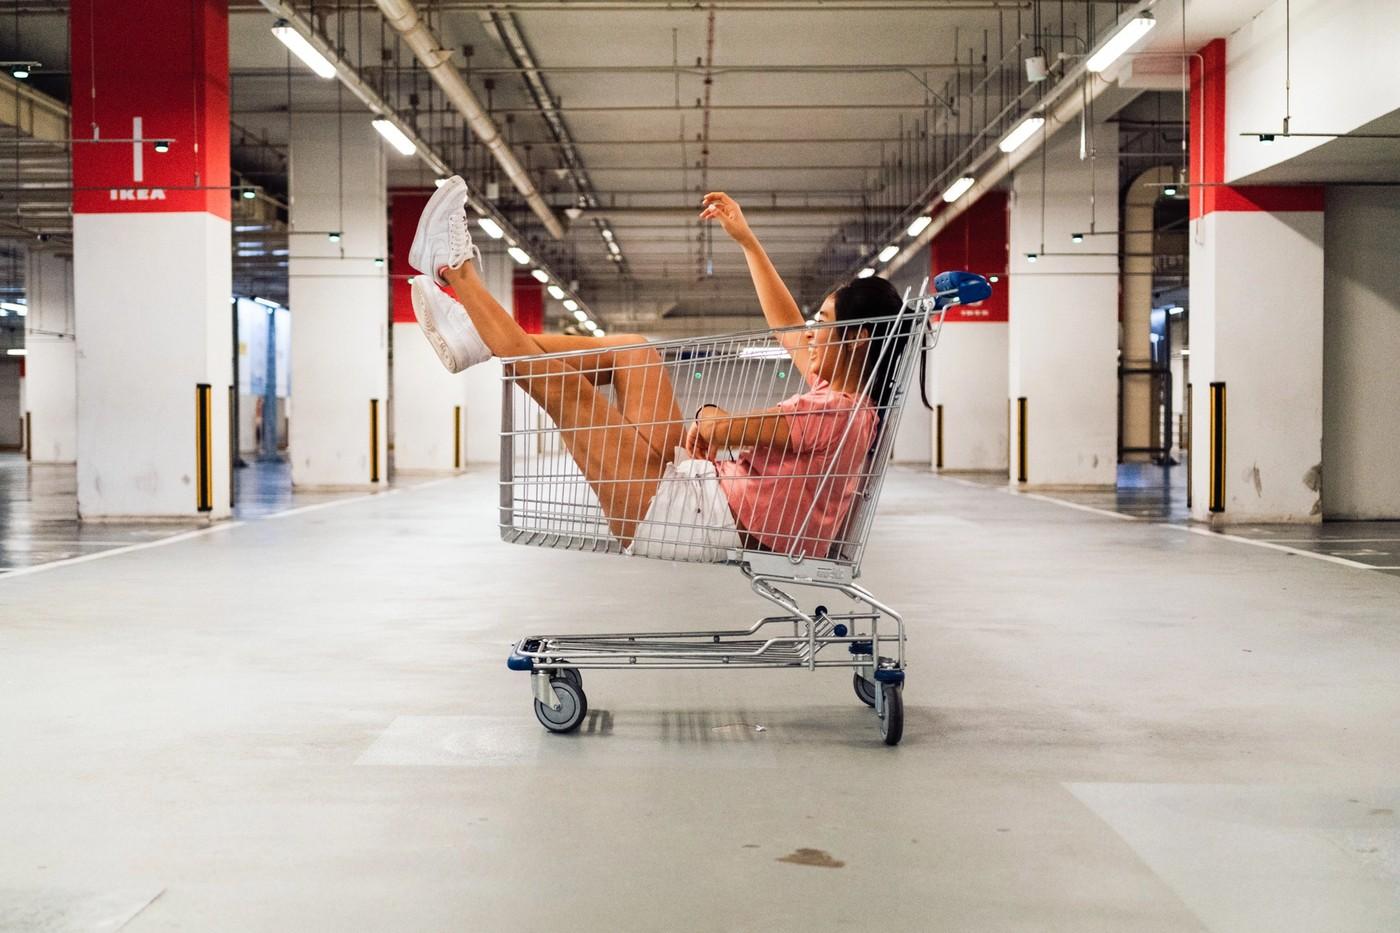 Une femme dans une caddie de supermarché